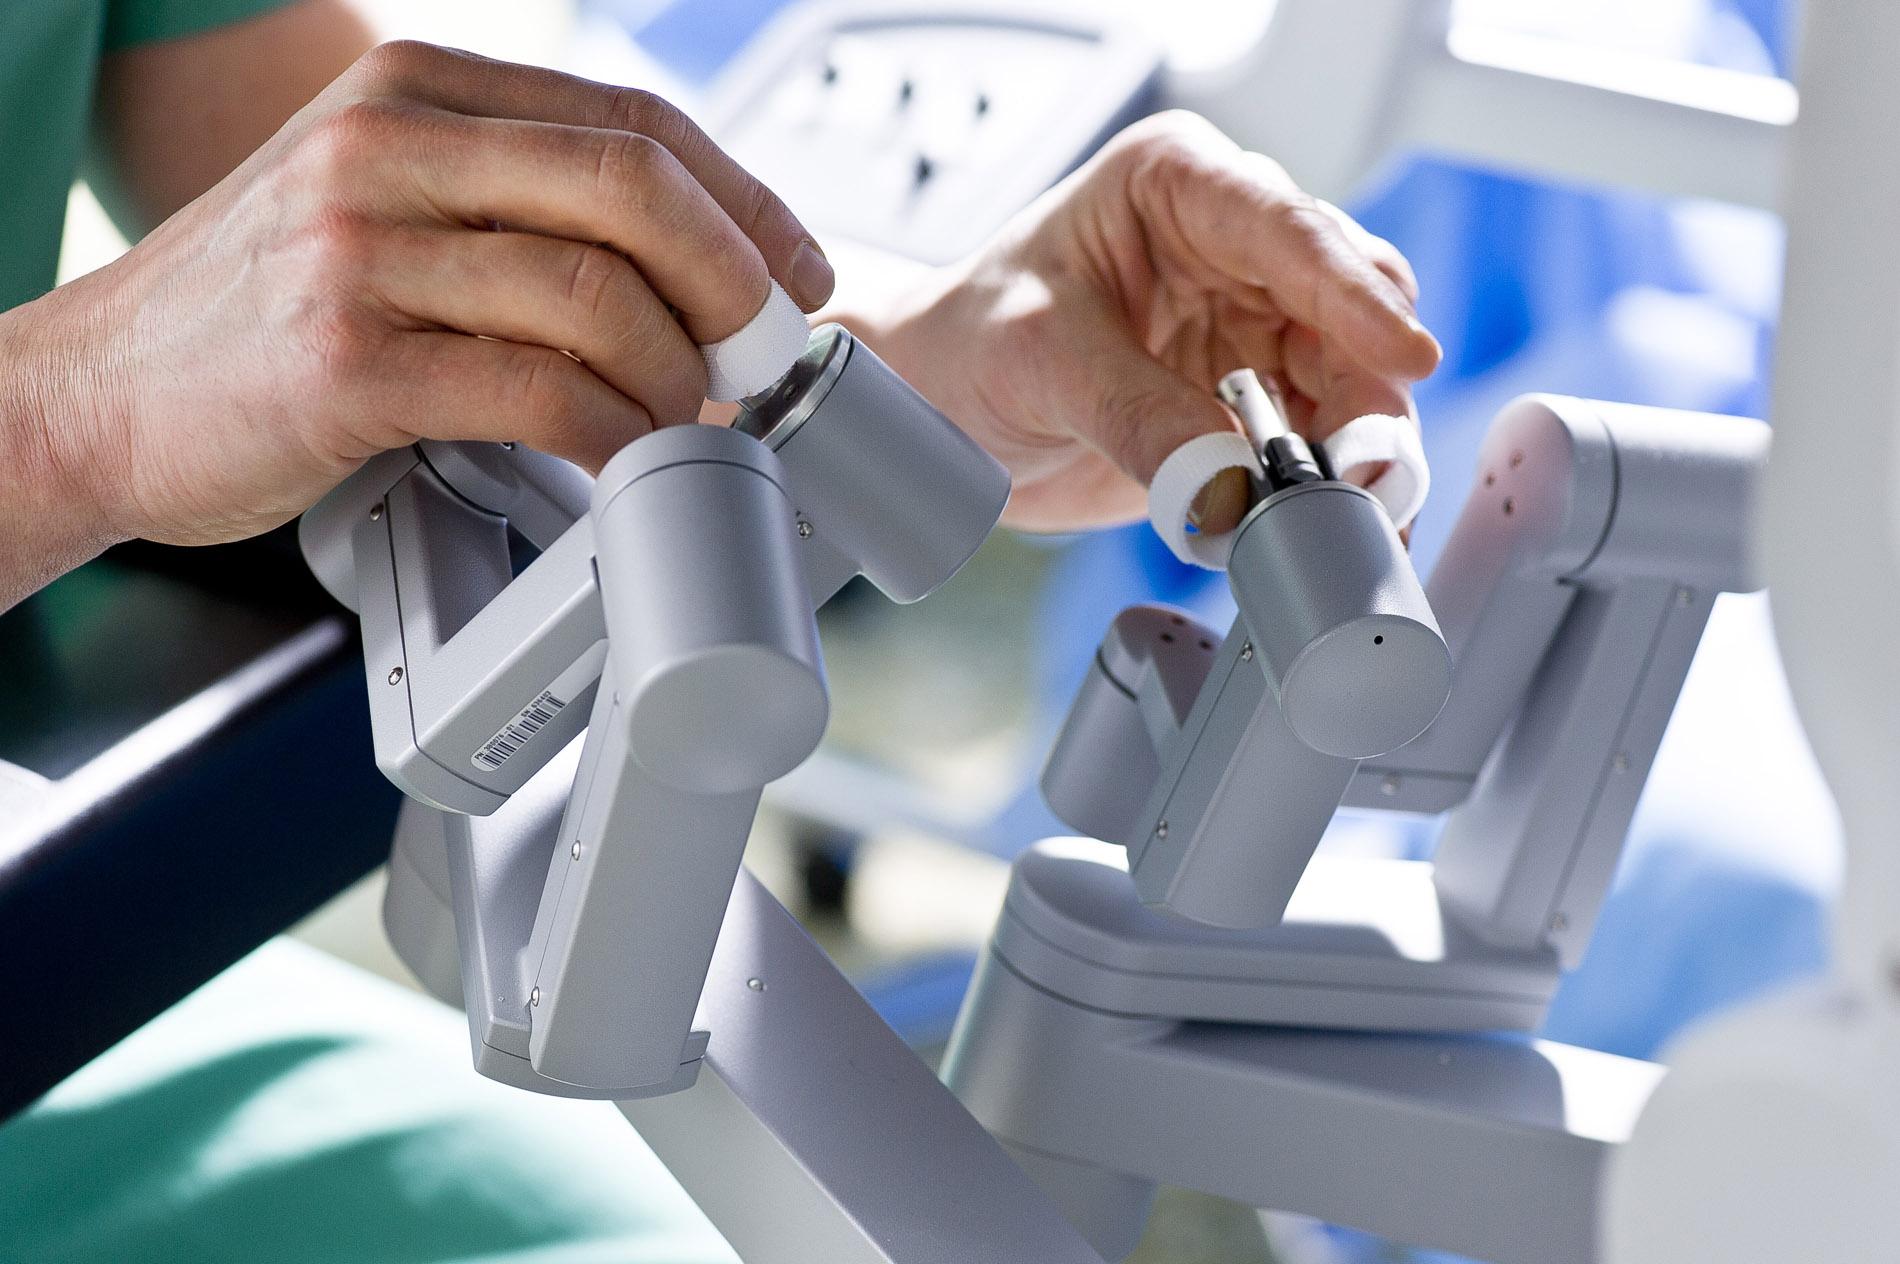 Fotografien von Operationen mit Robotertechnik